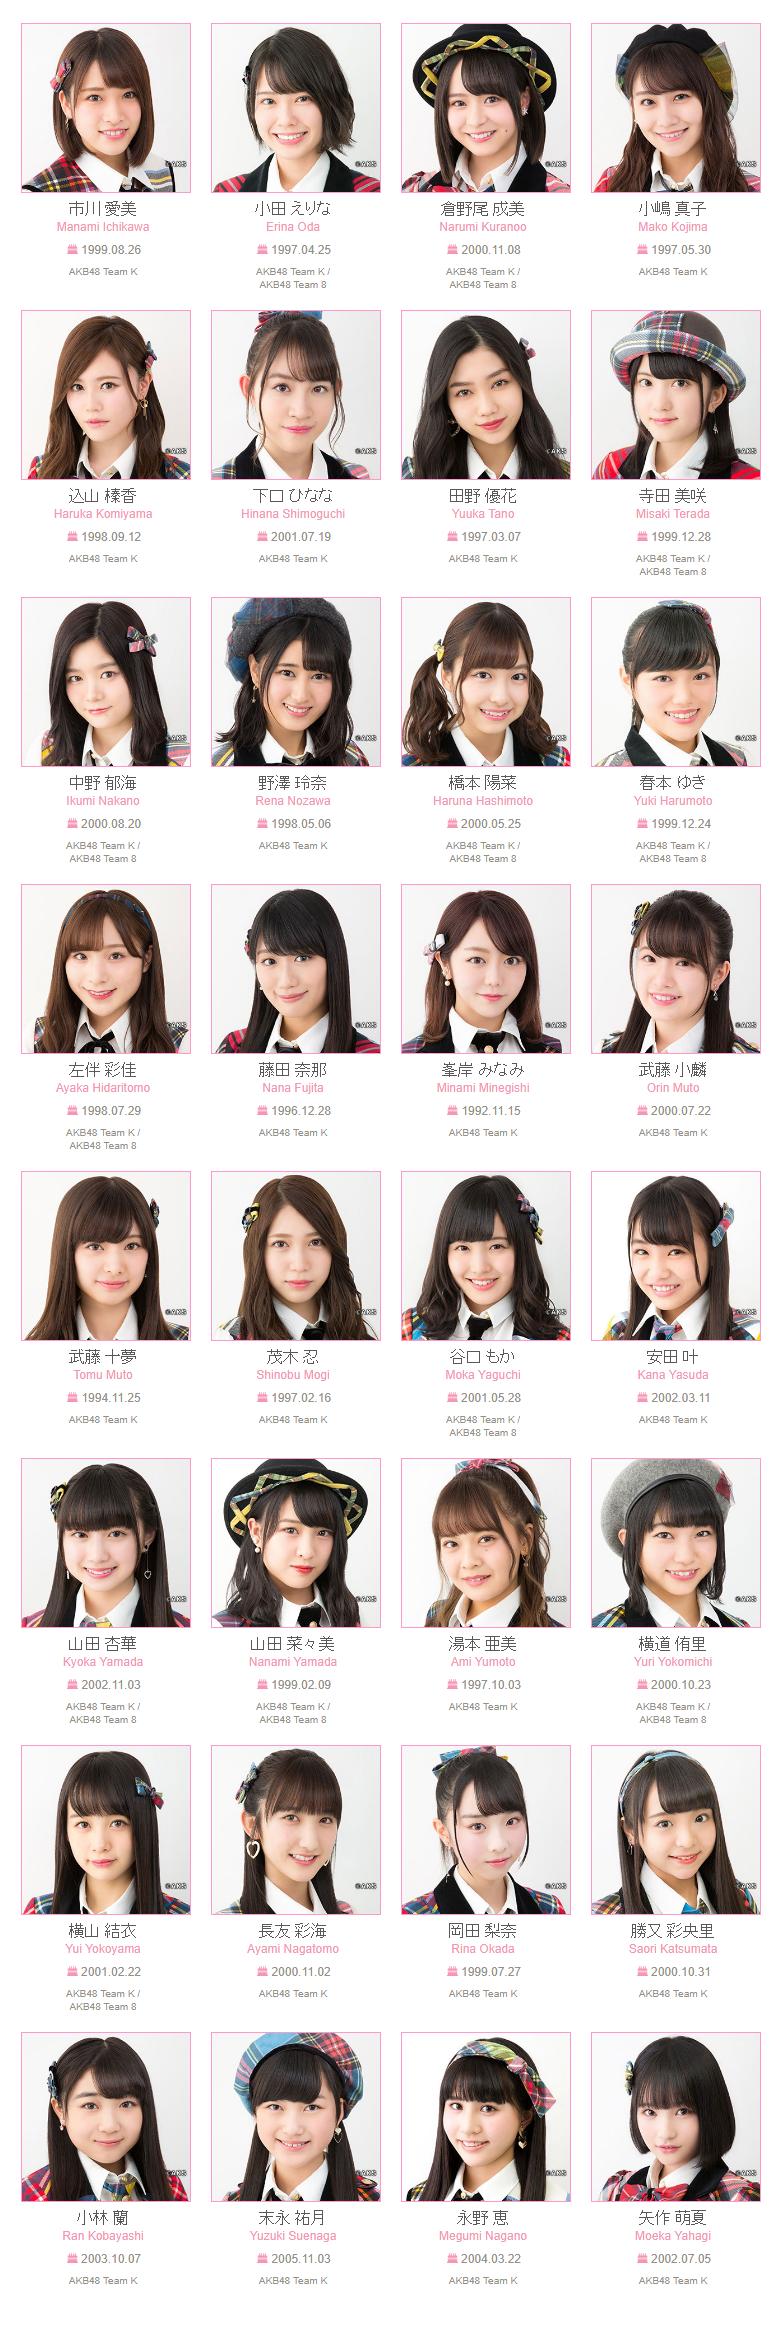 Team K | AKB48 Wiki | FANDOM powered by Wikia